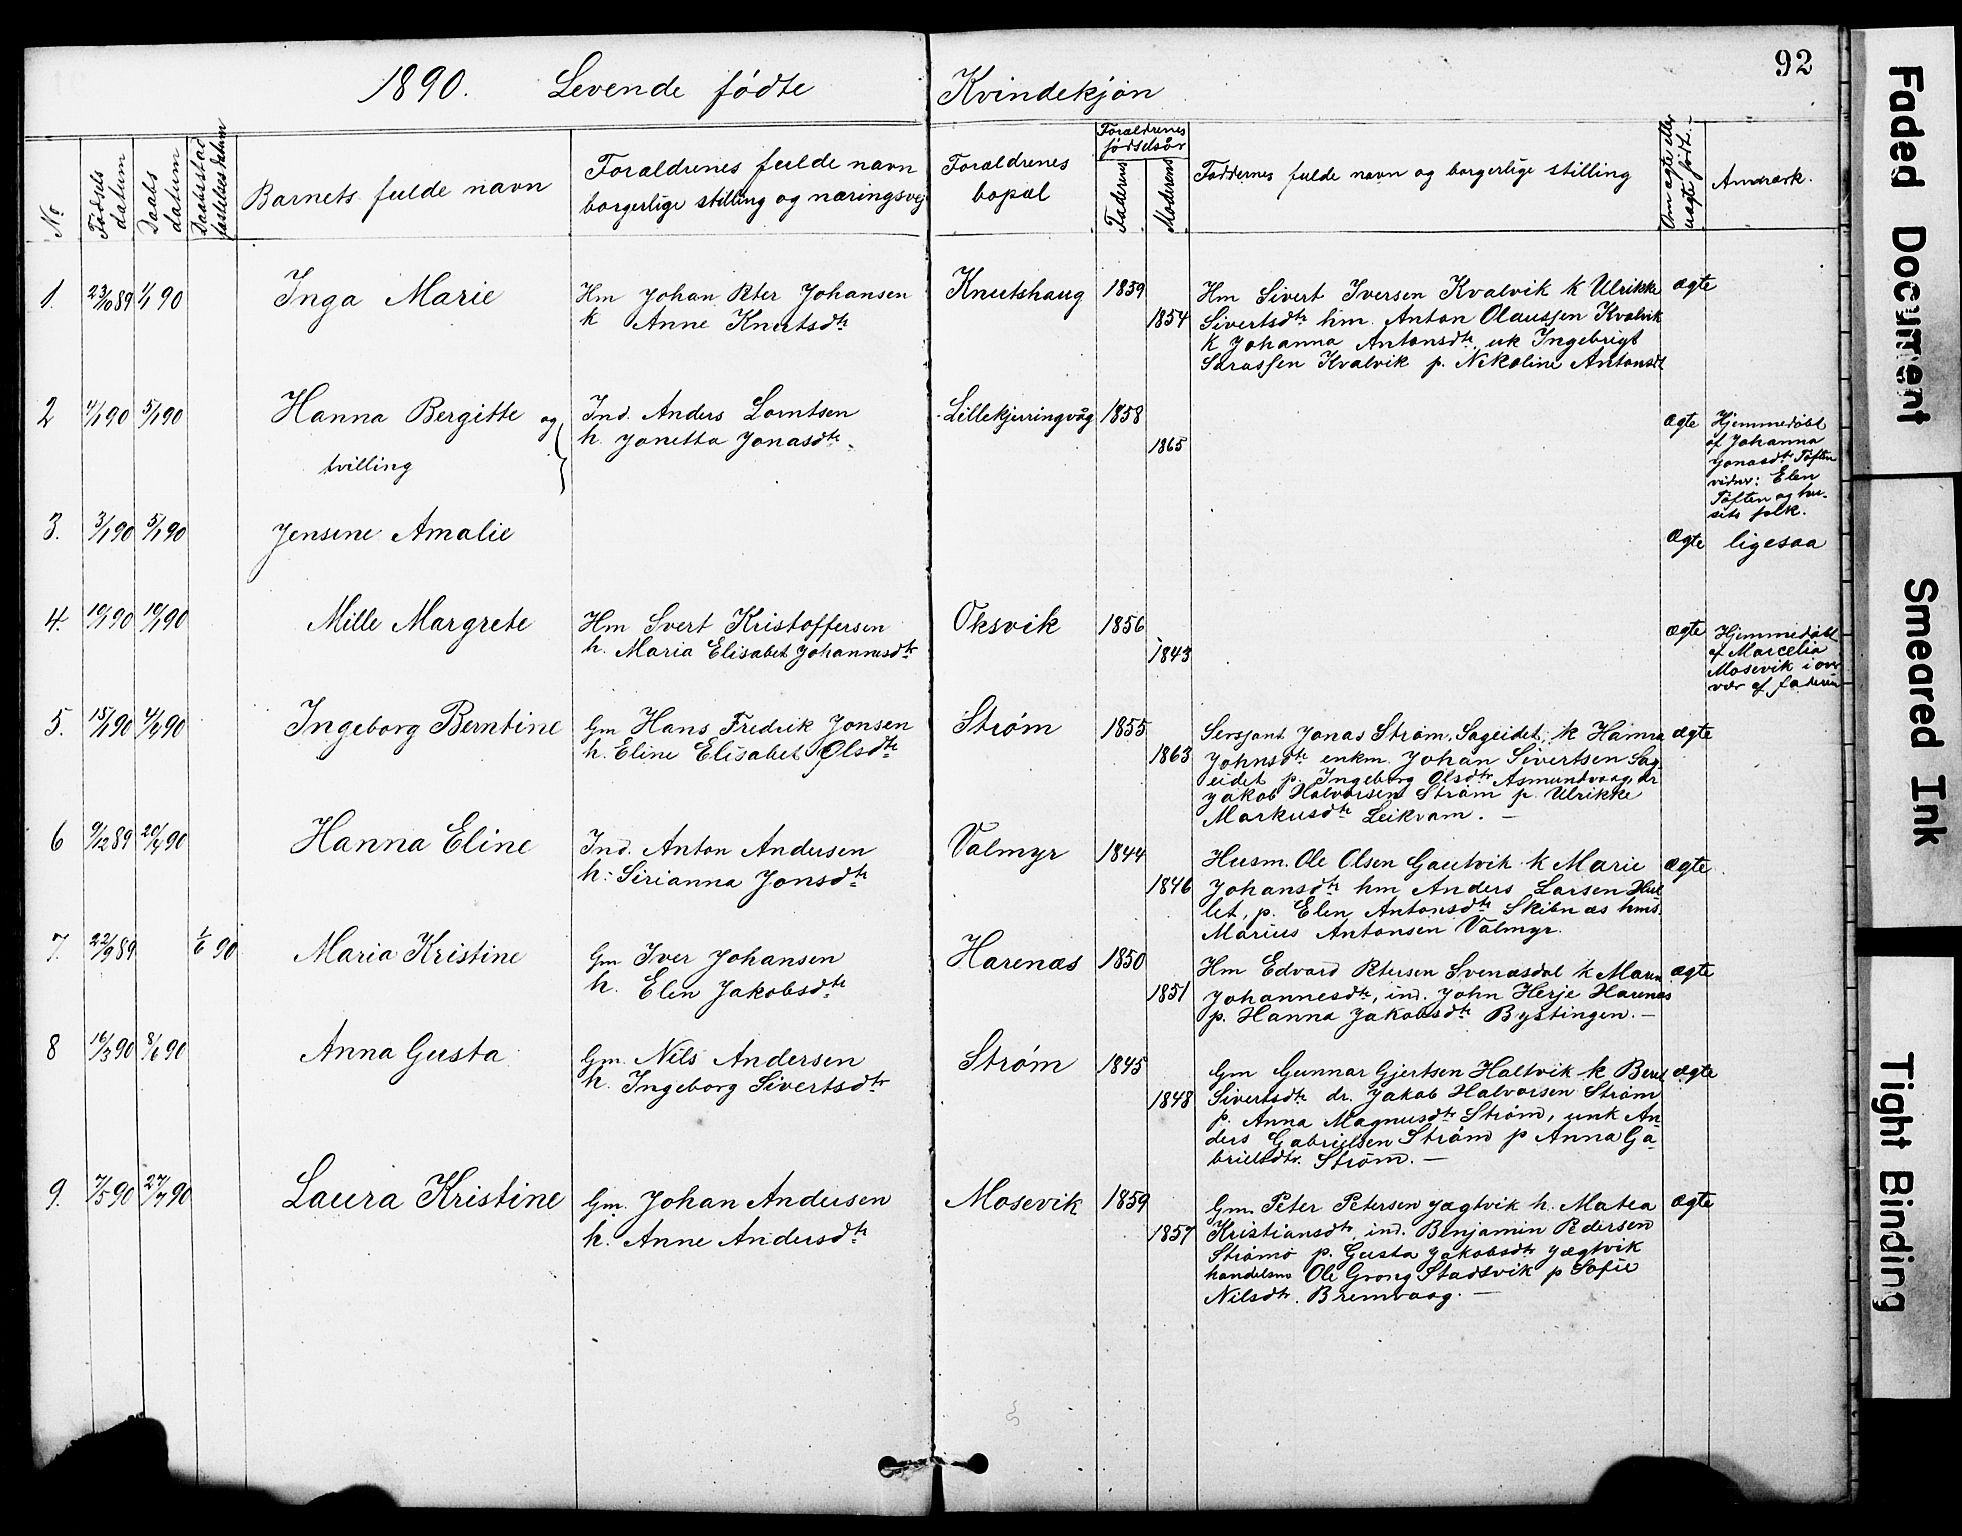 SAT, Ministerialprotokoller, klokkerbøker og fødselsregistre - Sør-Trøndelag, 634/L0541: Klokkerbok nr. 634C03, 1874-1891, s. 92